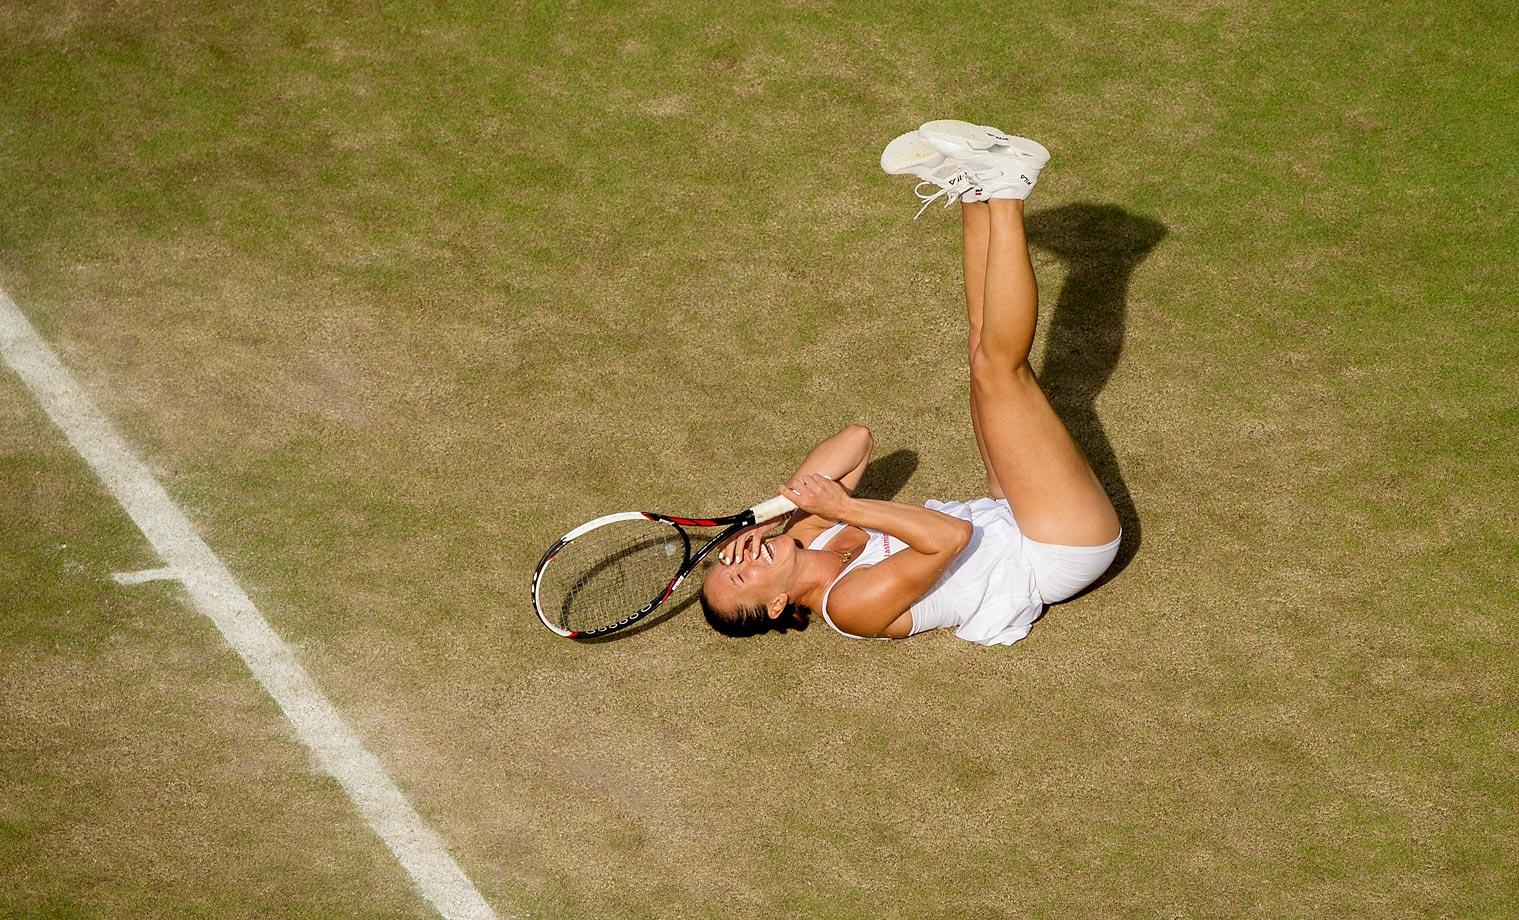 Jelena Jankovic playing against Petra Kvitova in the third round at Wimbledon.